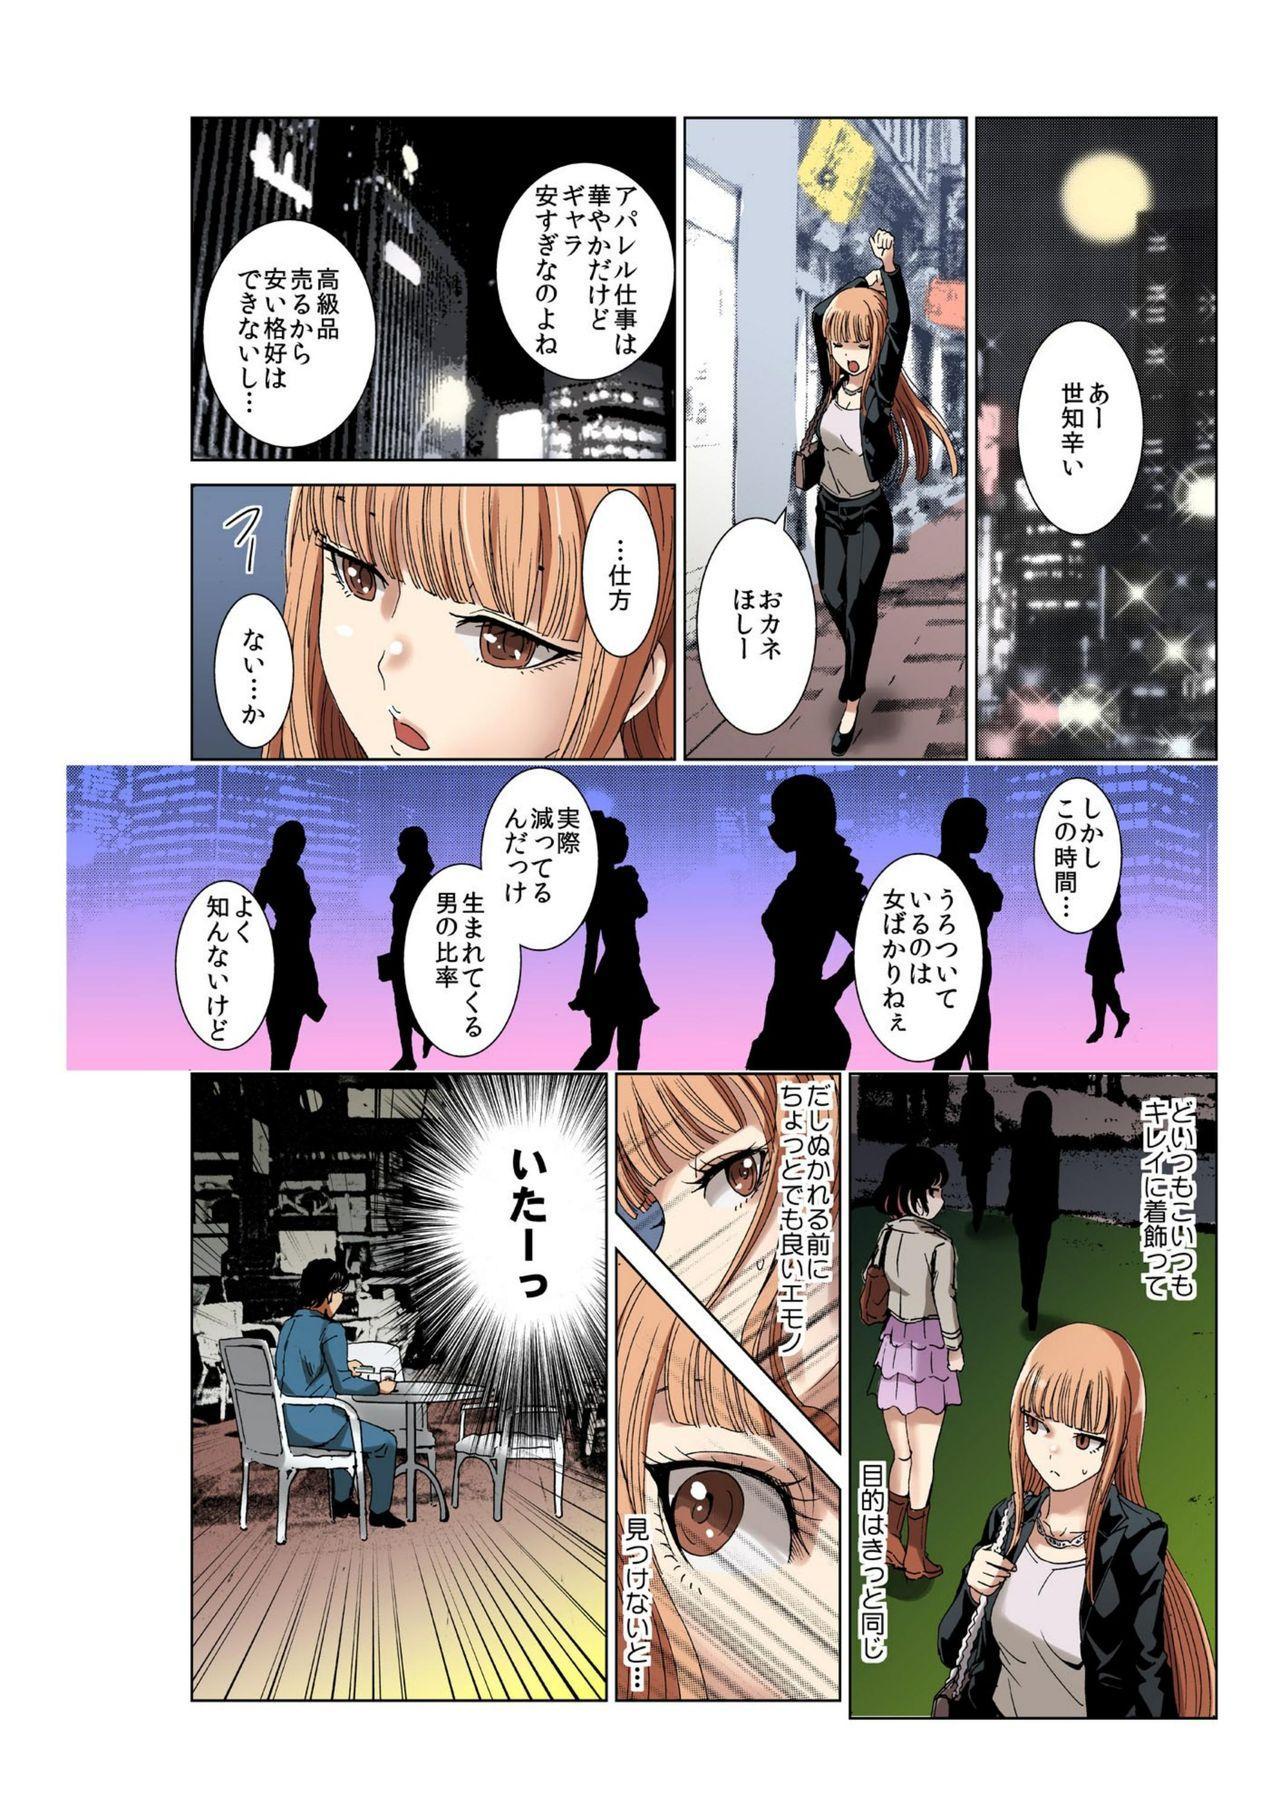 [Rurukichi] Seishi ga Kane ni Naru Jidai ~Mesubuta ga Muragaru Ore-sama no Kokan~ 1 8